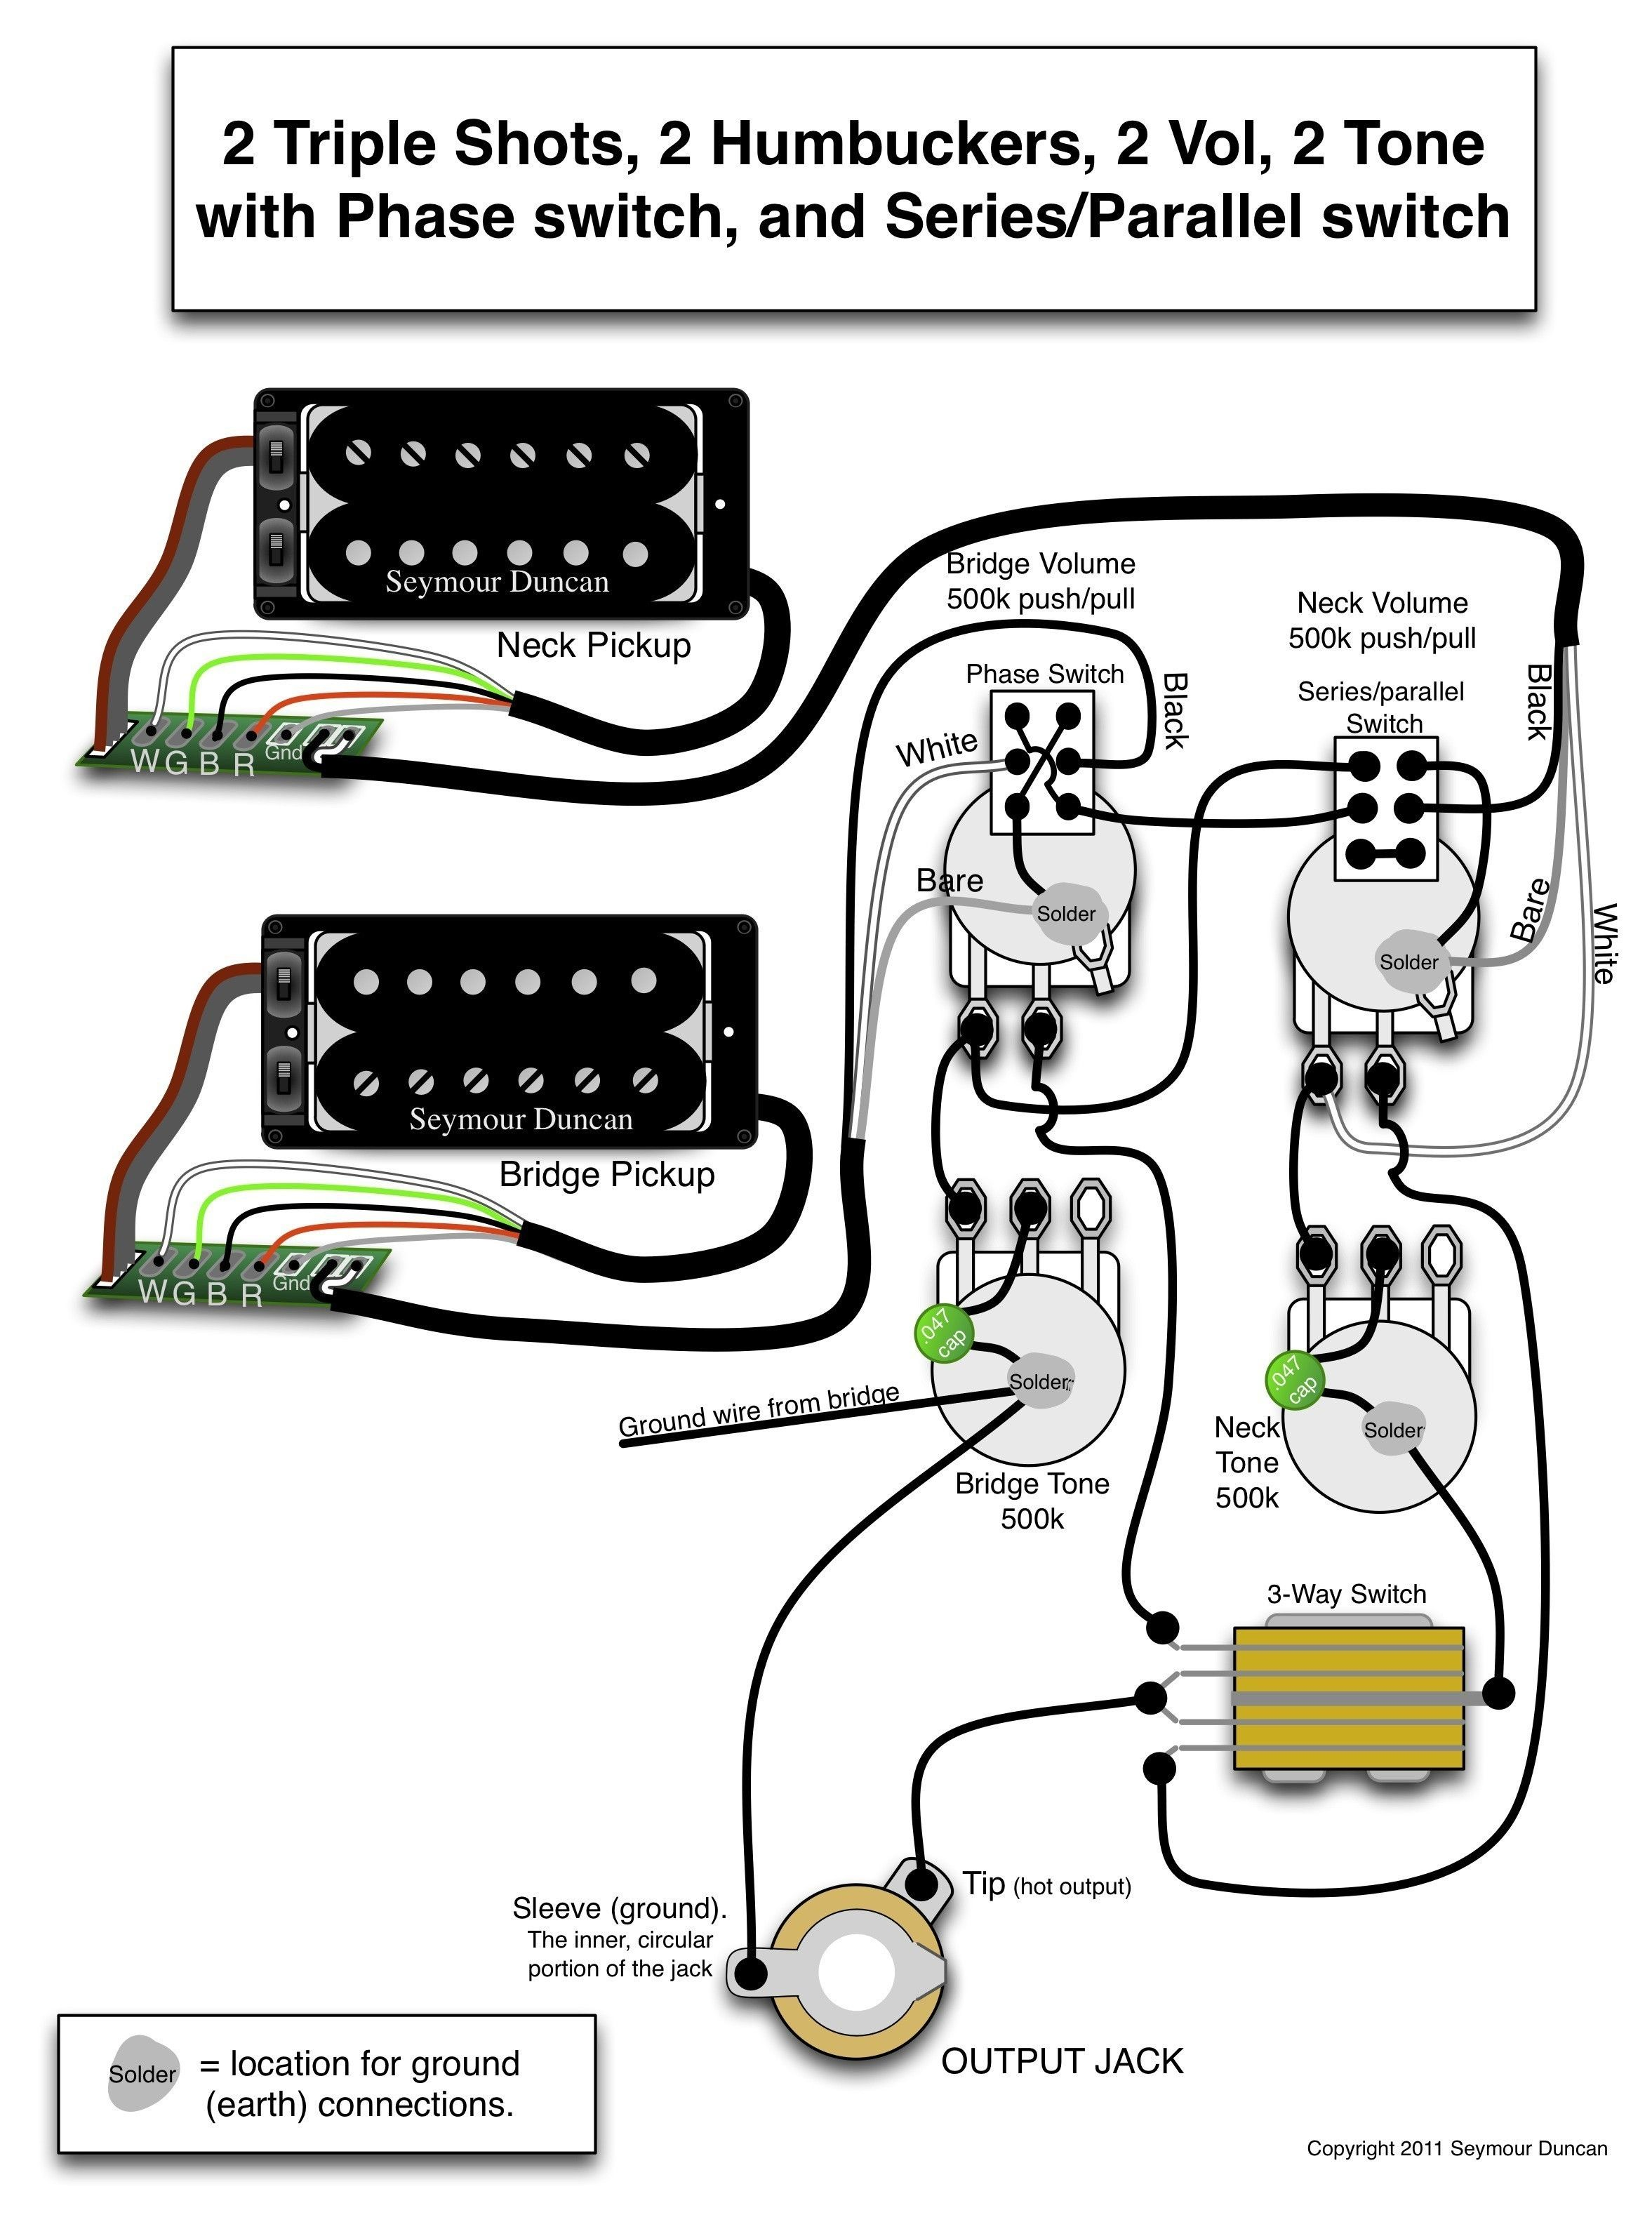 Beautiful Wiring Diagram Epiphone Les Paul Diagrams Digramssample Diagramimages Check More At Https Nostoc Co Yamaha Guitar Guitar Pickups Guitar Building